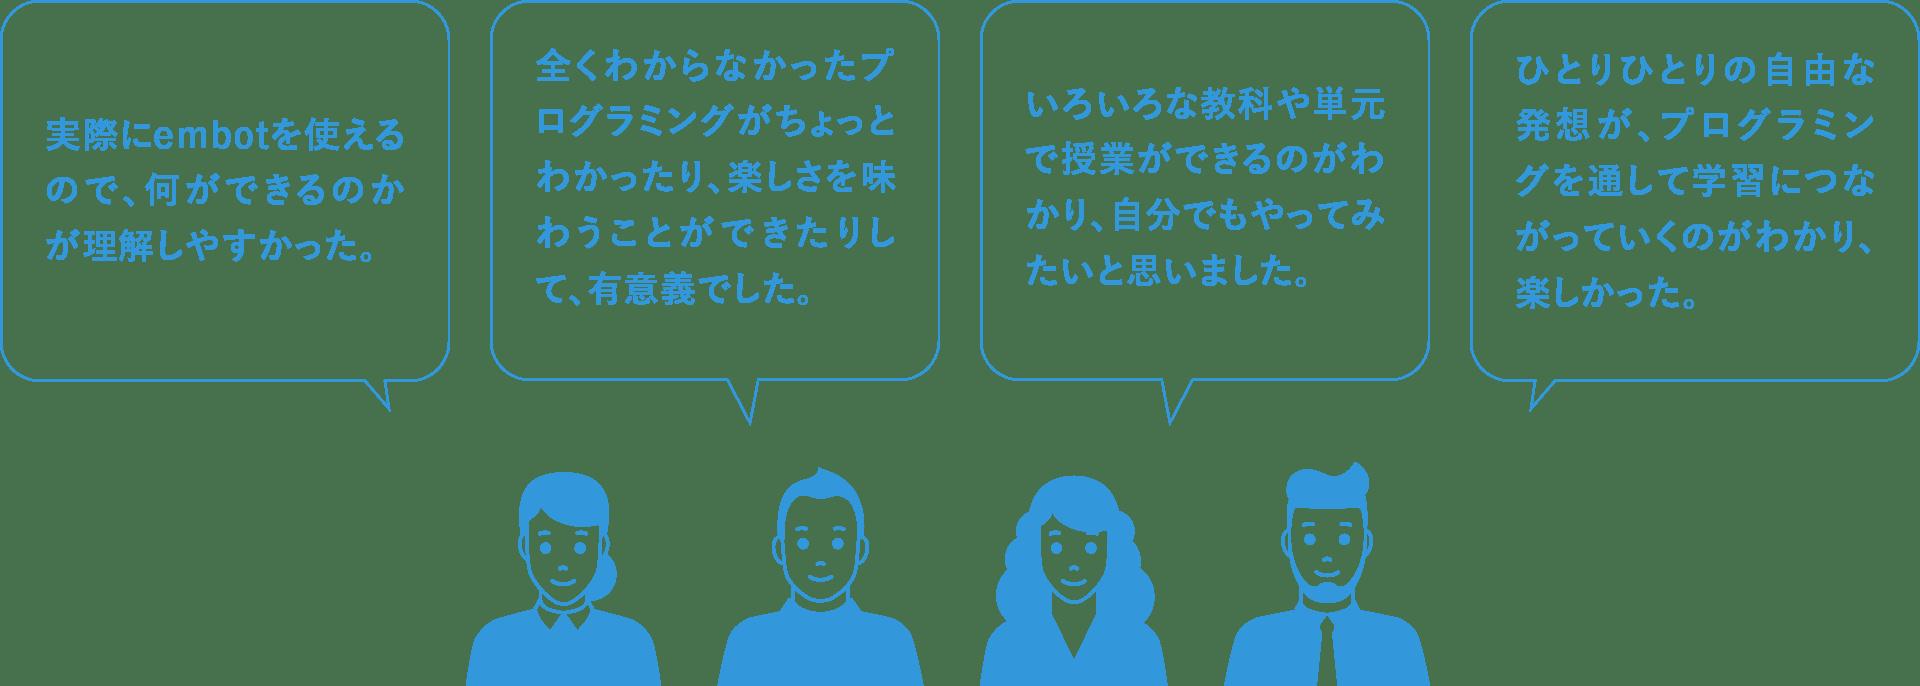 先生の感想の図